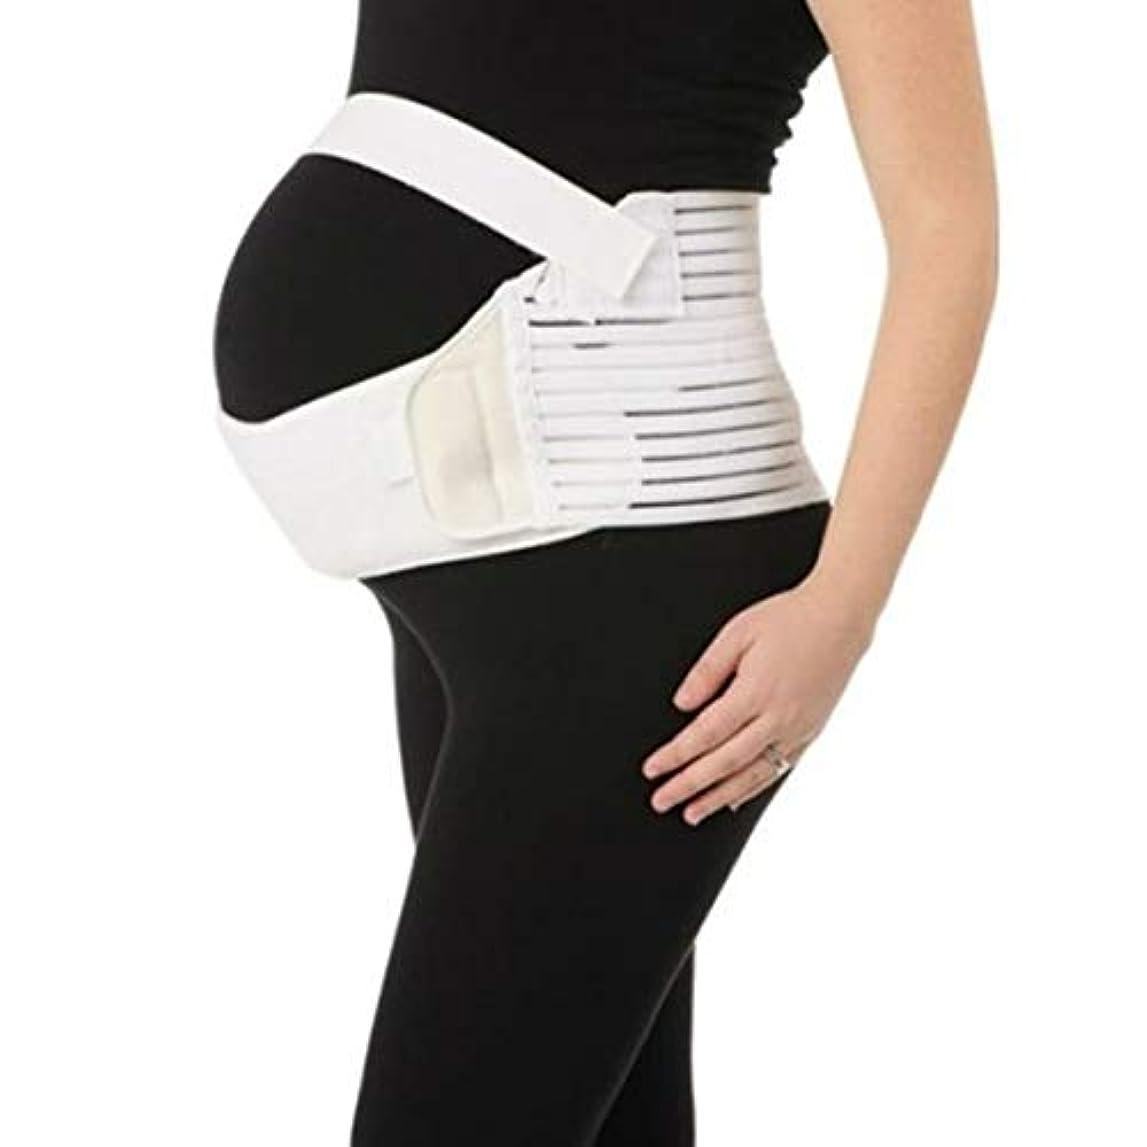 寸前おじさん市町村通気性産科ベルト妊娠腹部サポート腹部バインダーガードル運動包帯産後の回復形状ウェア - ホワイトM